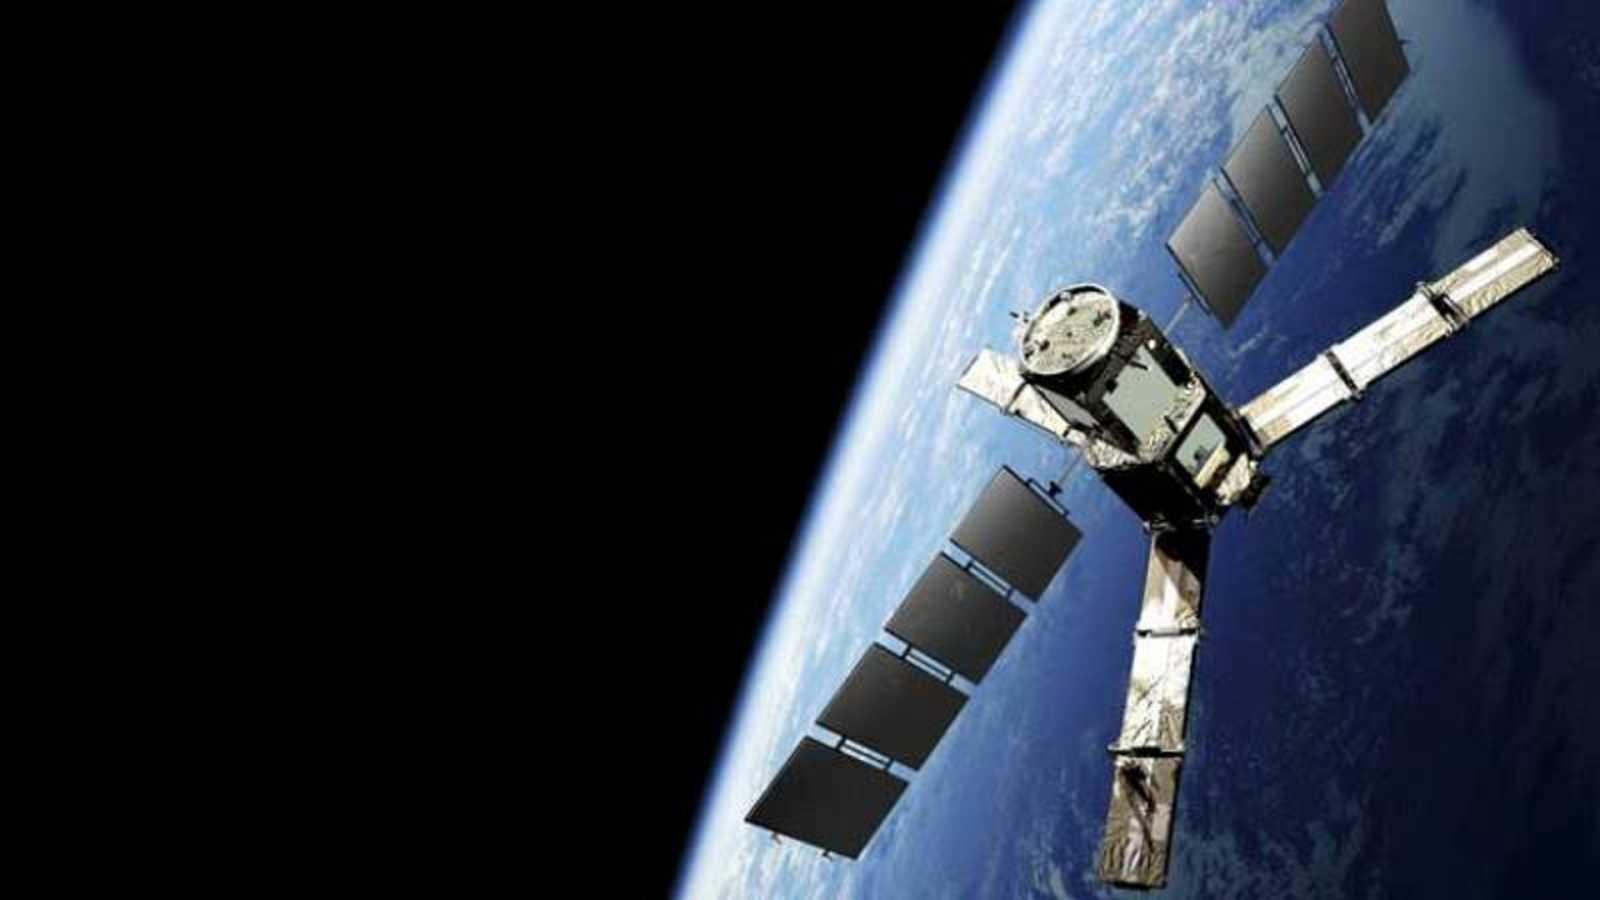 Reportajes 5 Continentes - La ESA presenta sus proyectos de cara a 2025 - Escuchar ahora